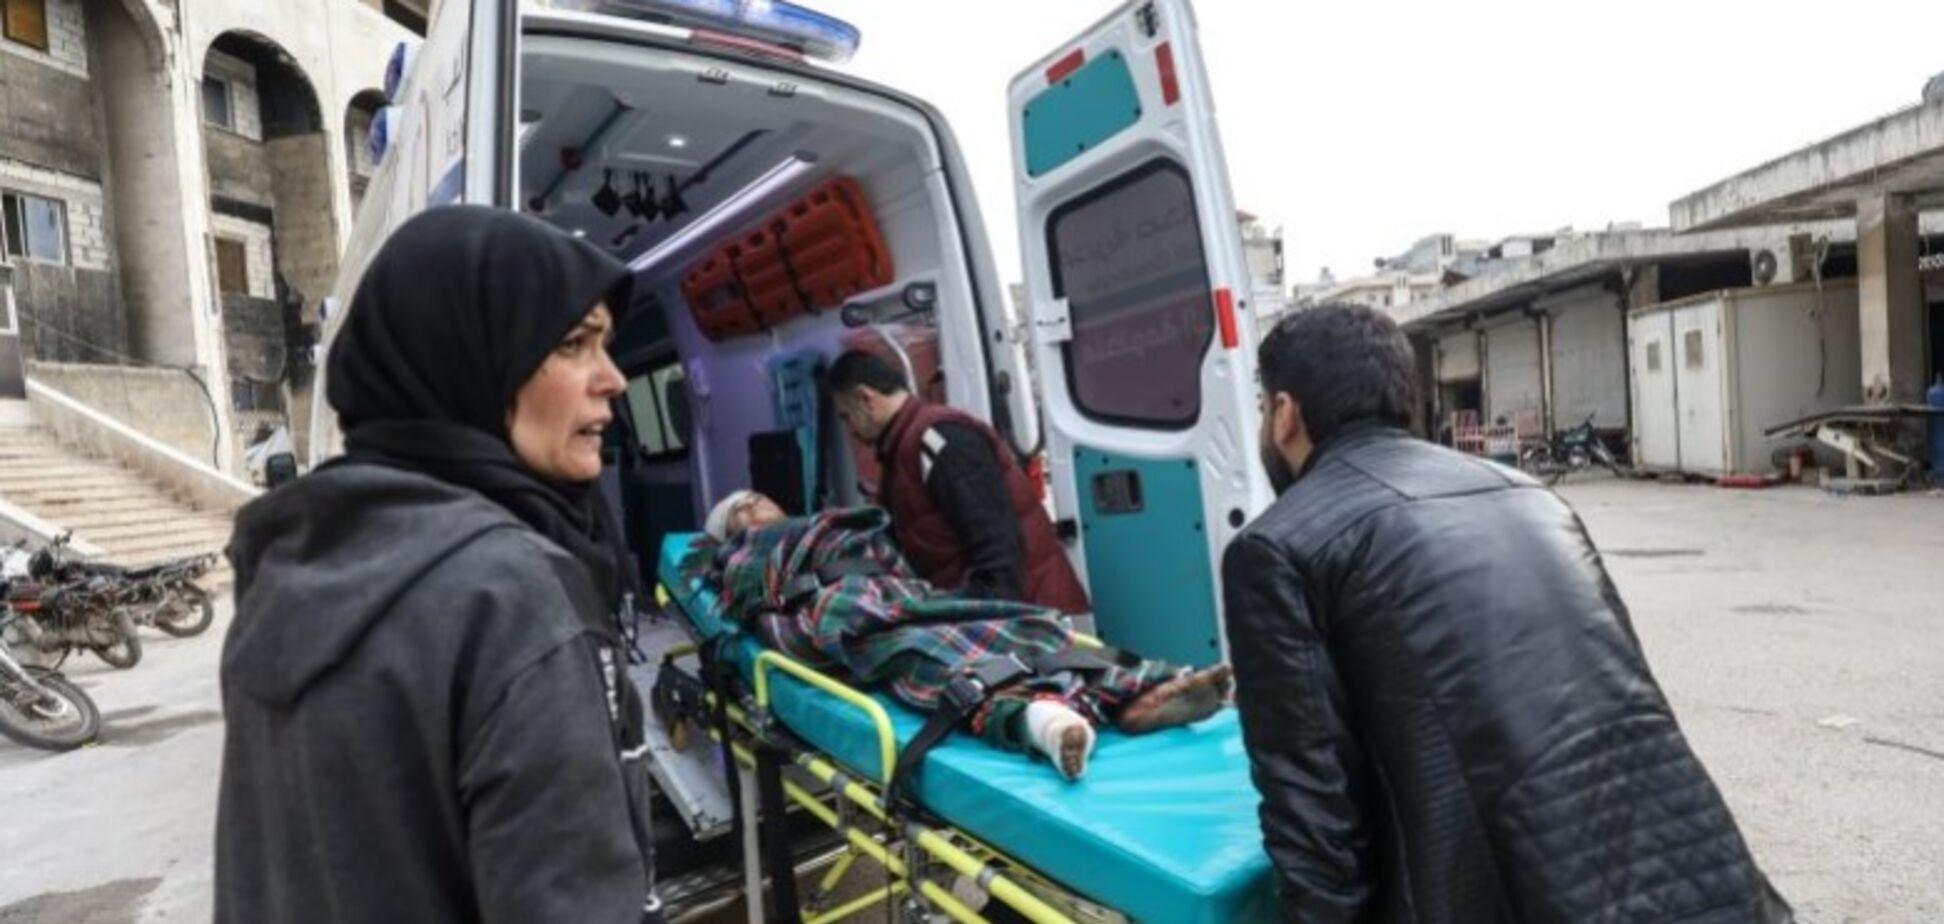 Сирия атаковала турецкие войска в Идлибе и получила ответ: фото и видео ударов